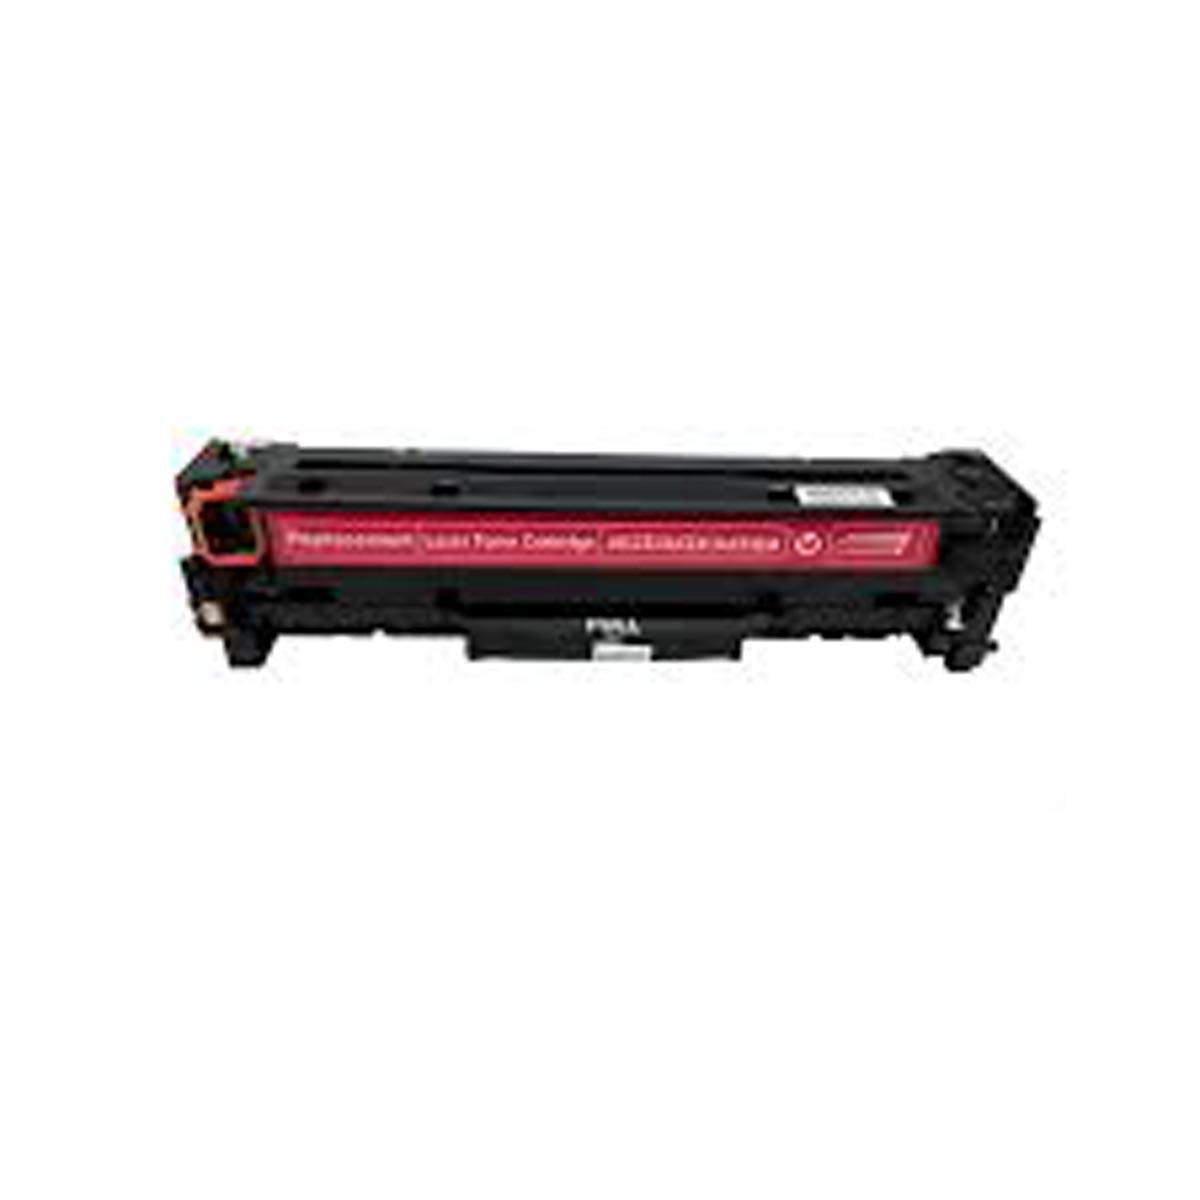 Toner Compativel com HP CF383 383 312A M451 M475dn Magenta - 2,7K